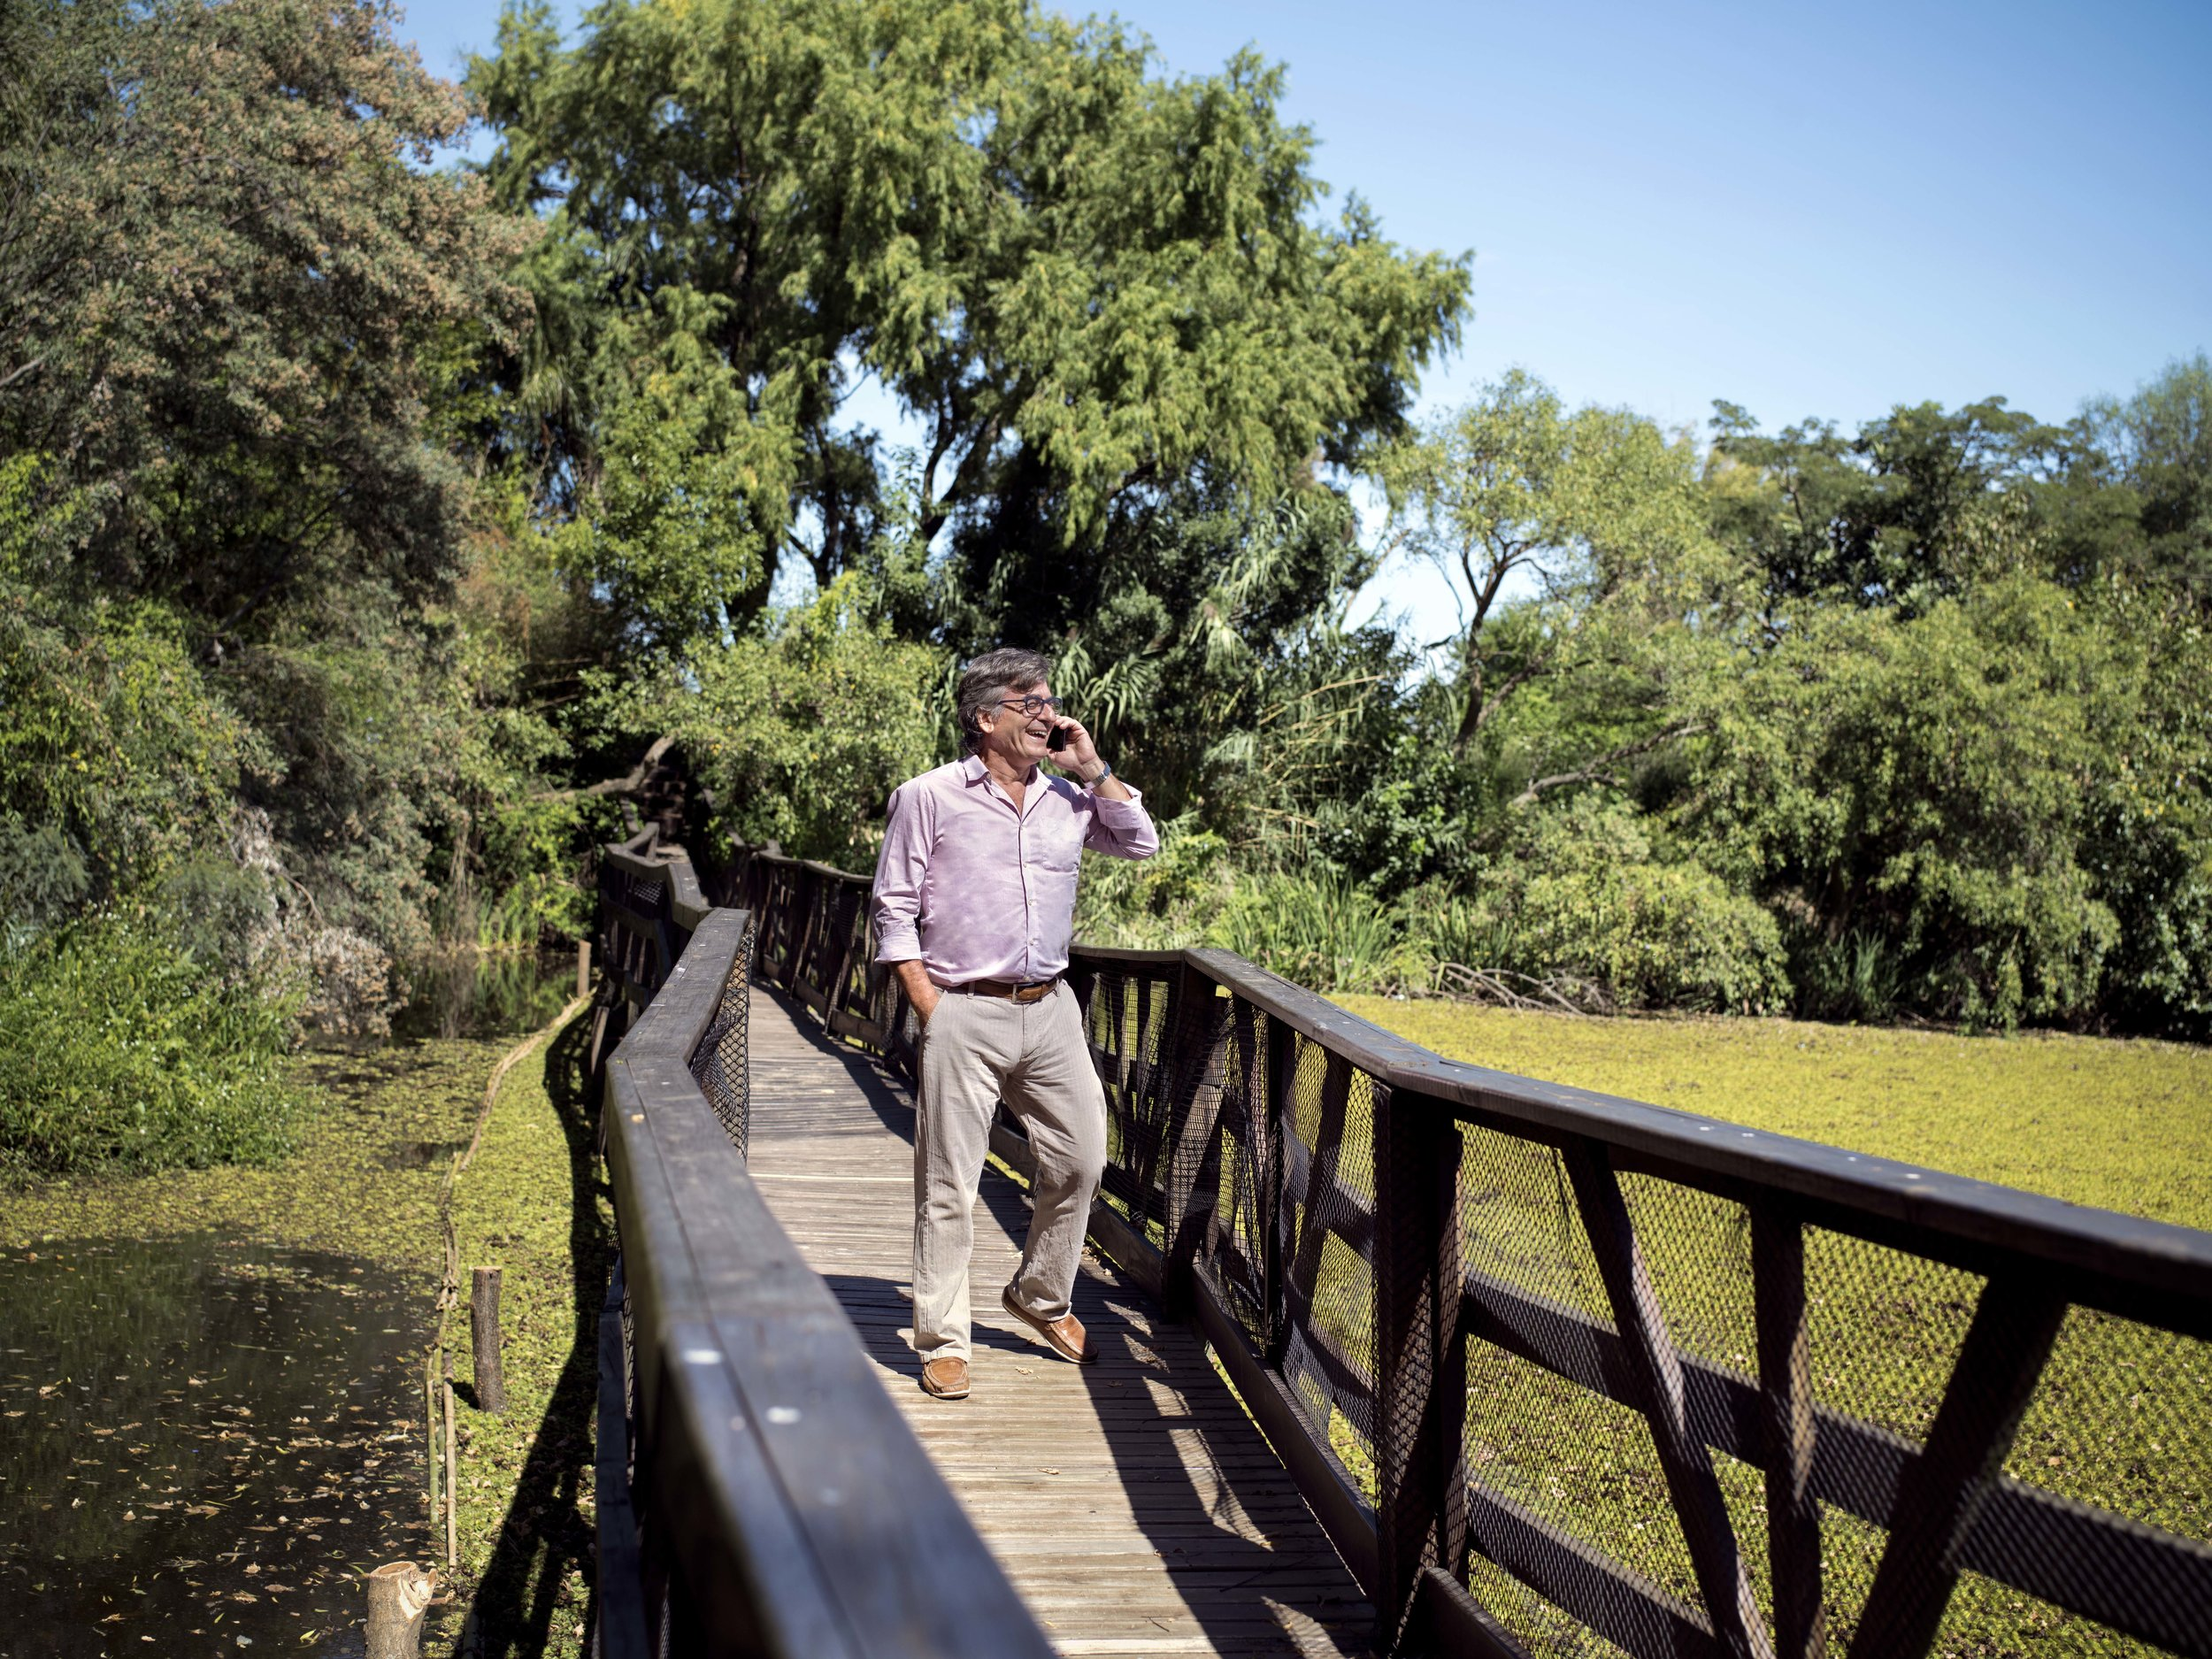 Paseo de la Reserva Ecológica